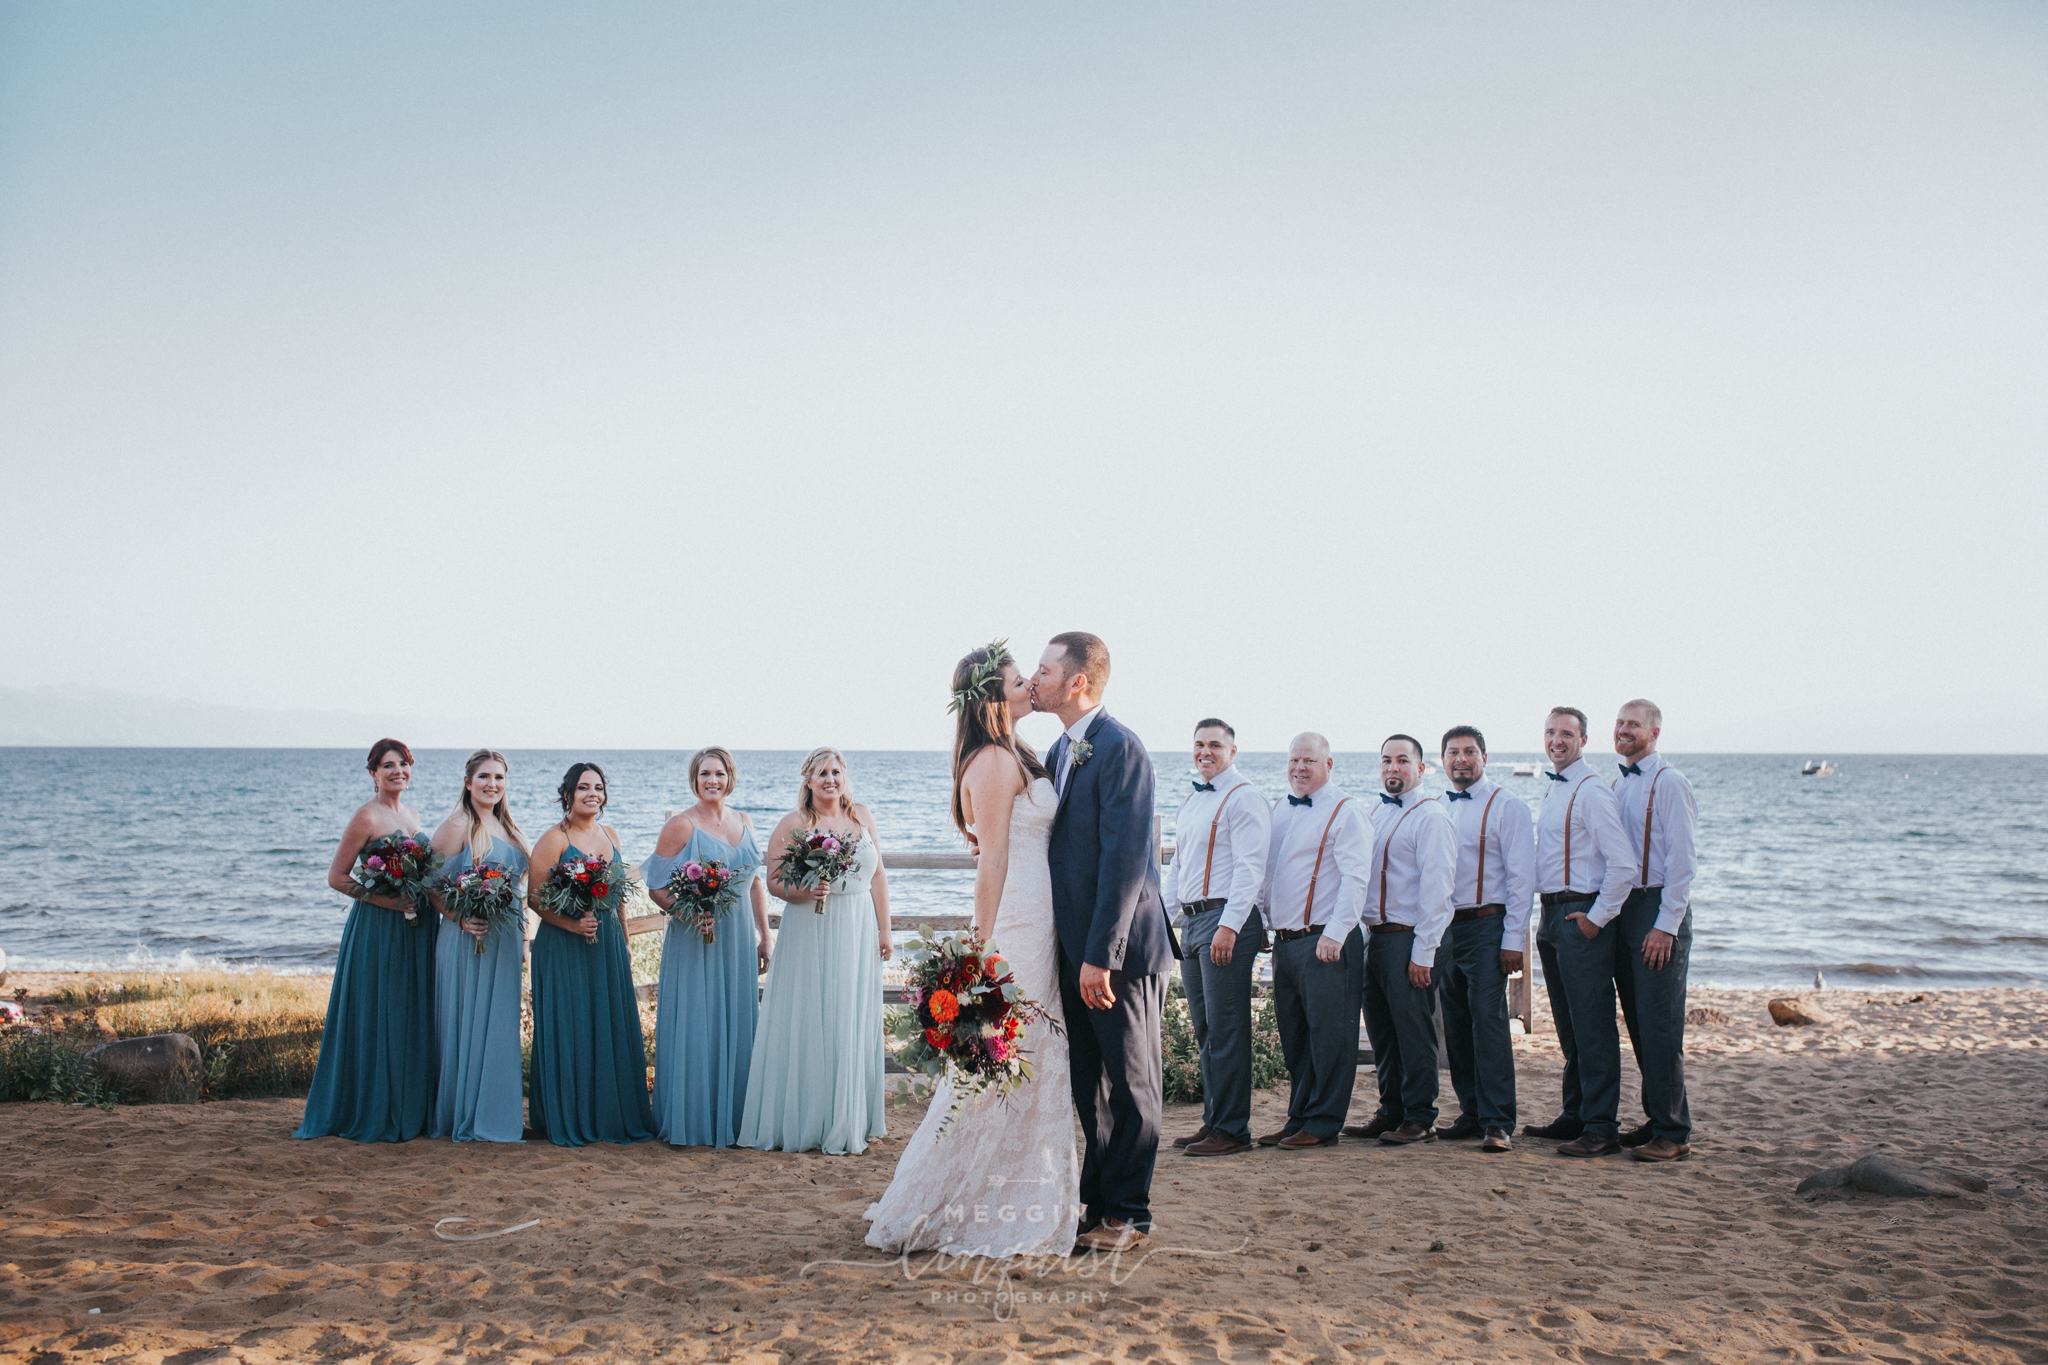 bohemian-style-lake-wedding-reno-lake-tahoe-wedding-photographer-35.jpg